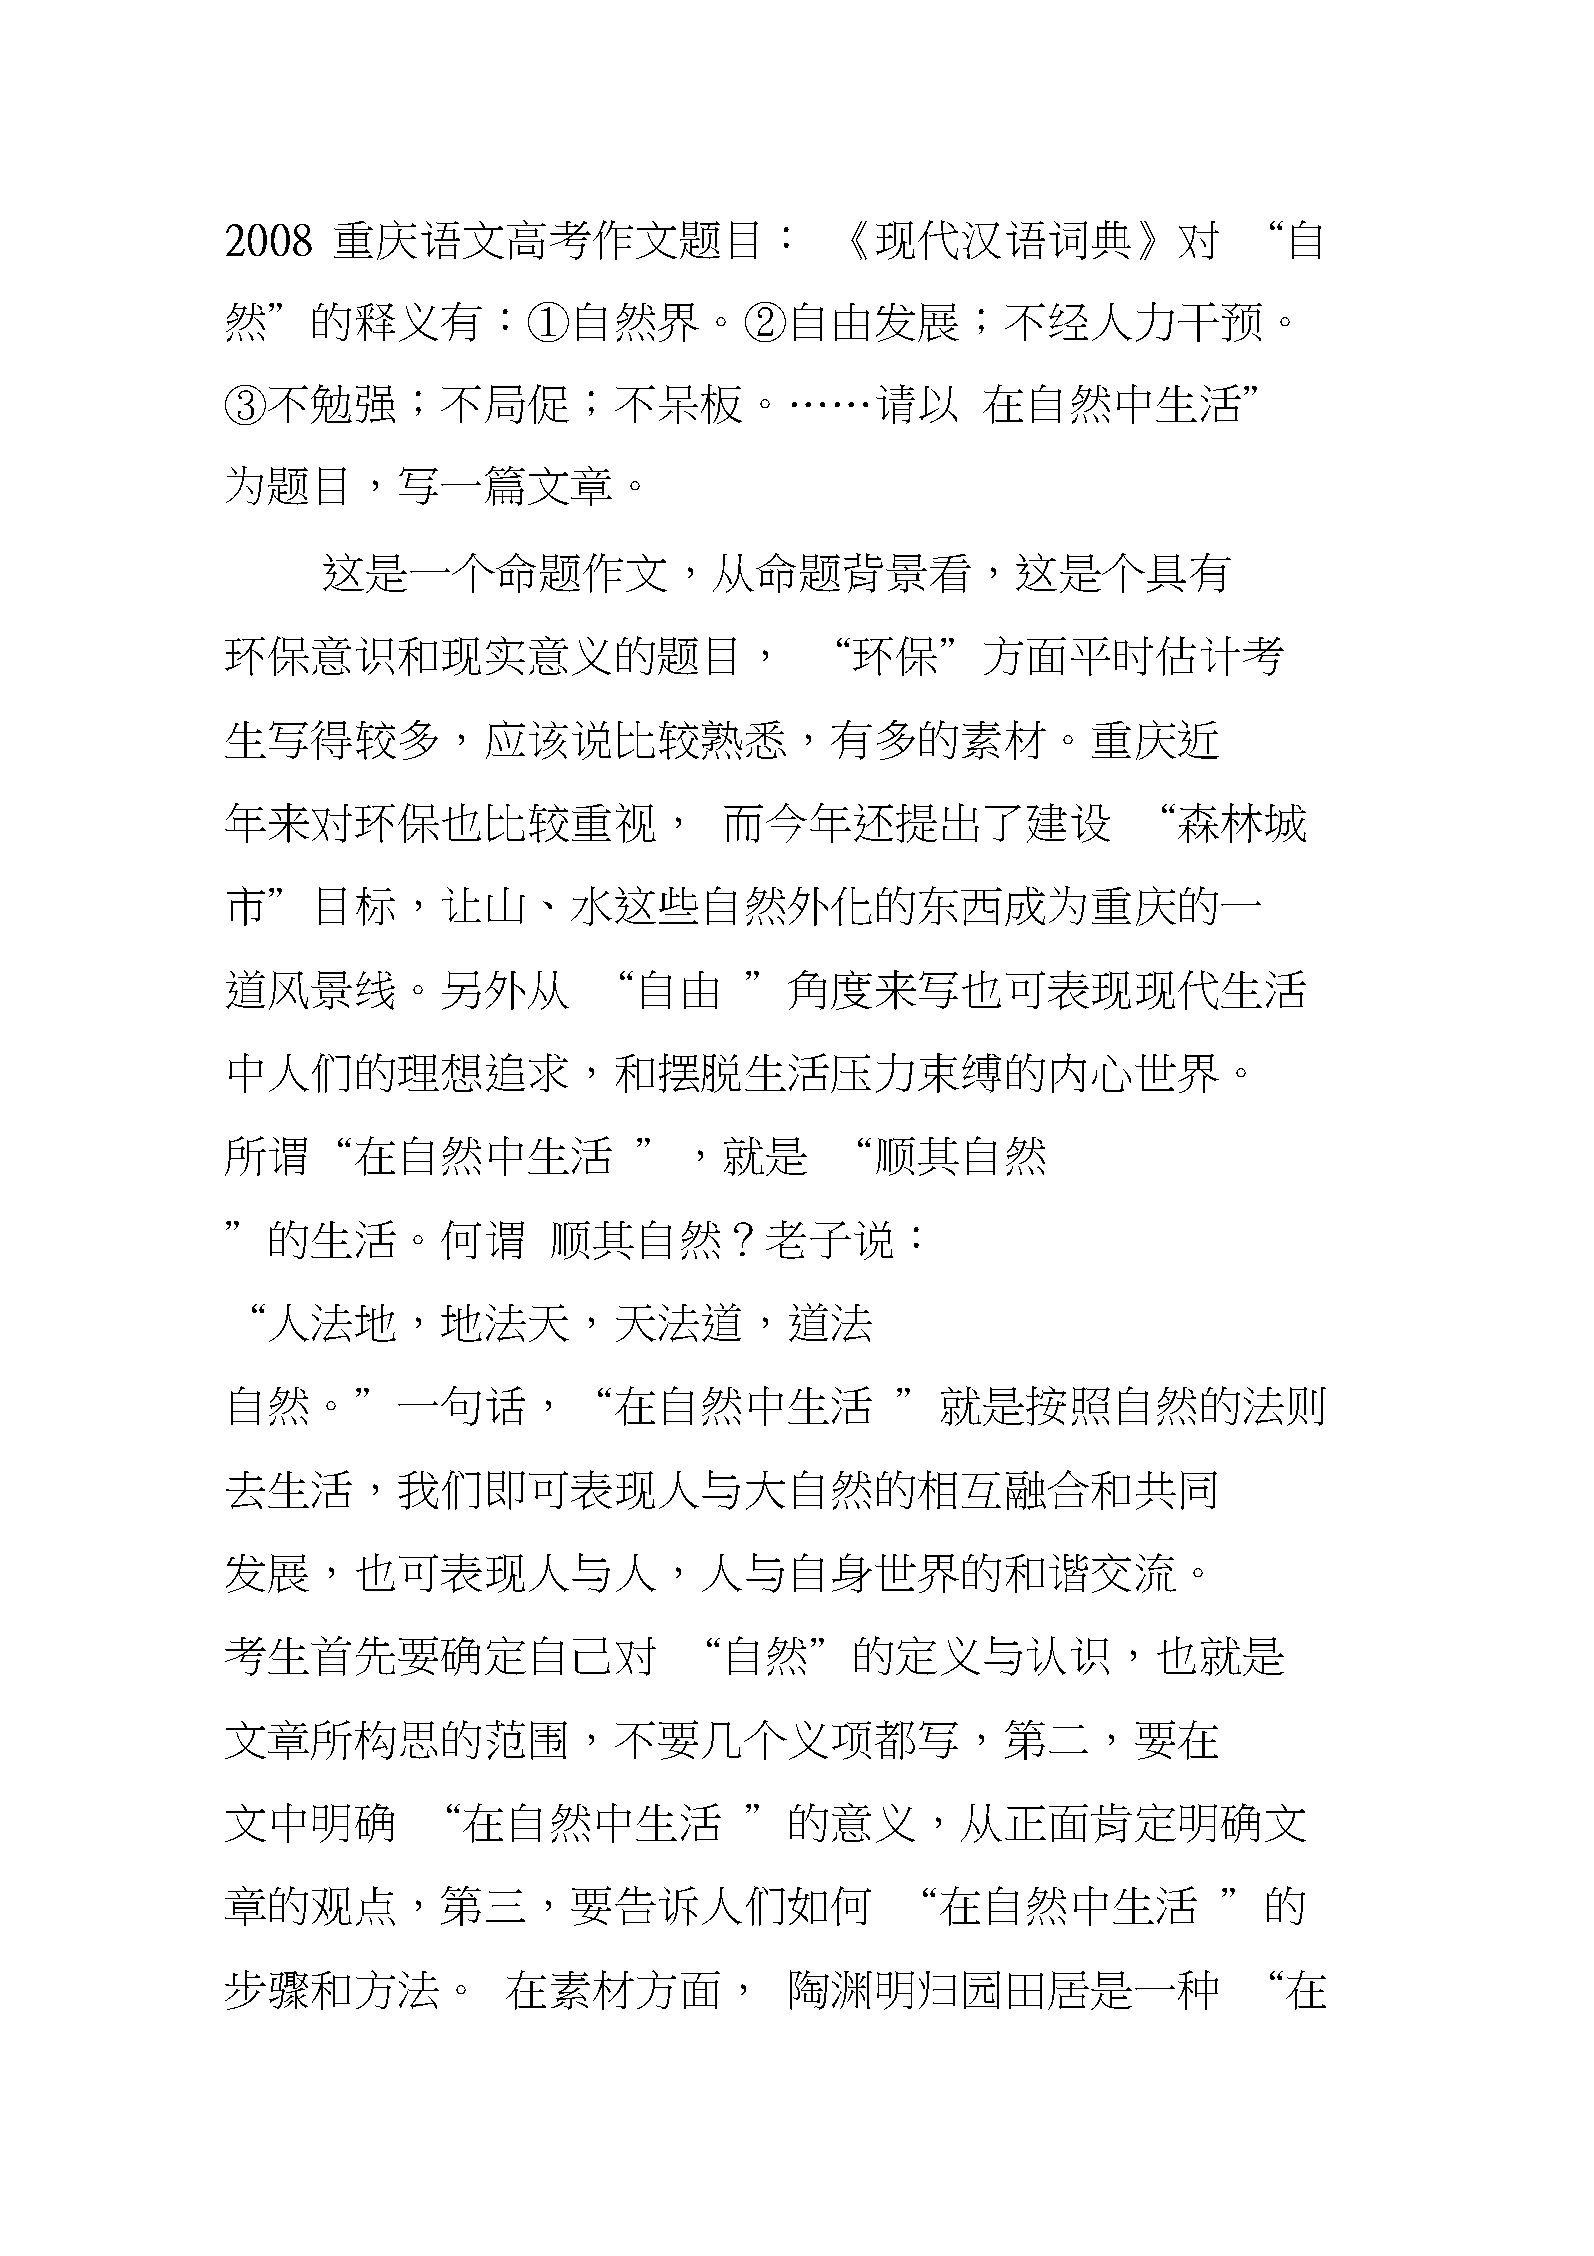 教学重庆语文的高考作文题目.docx